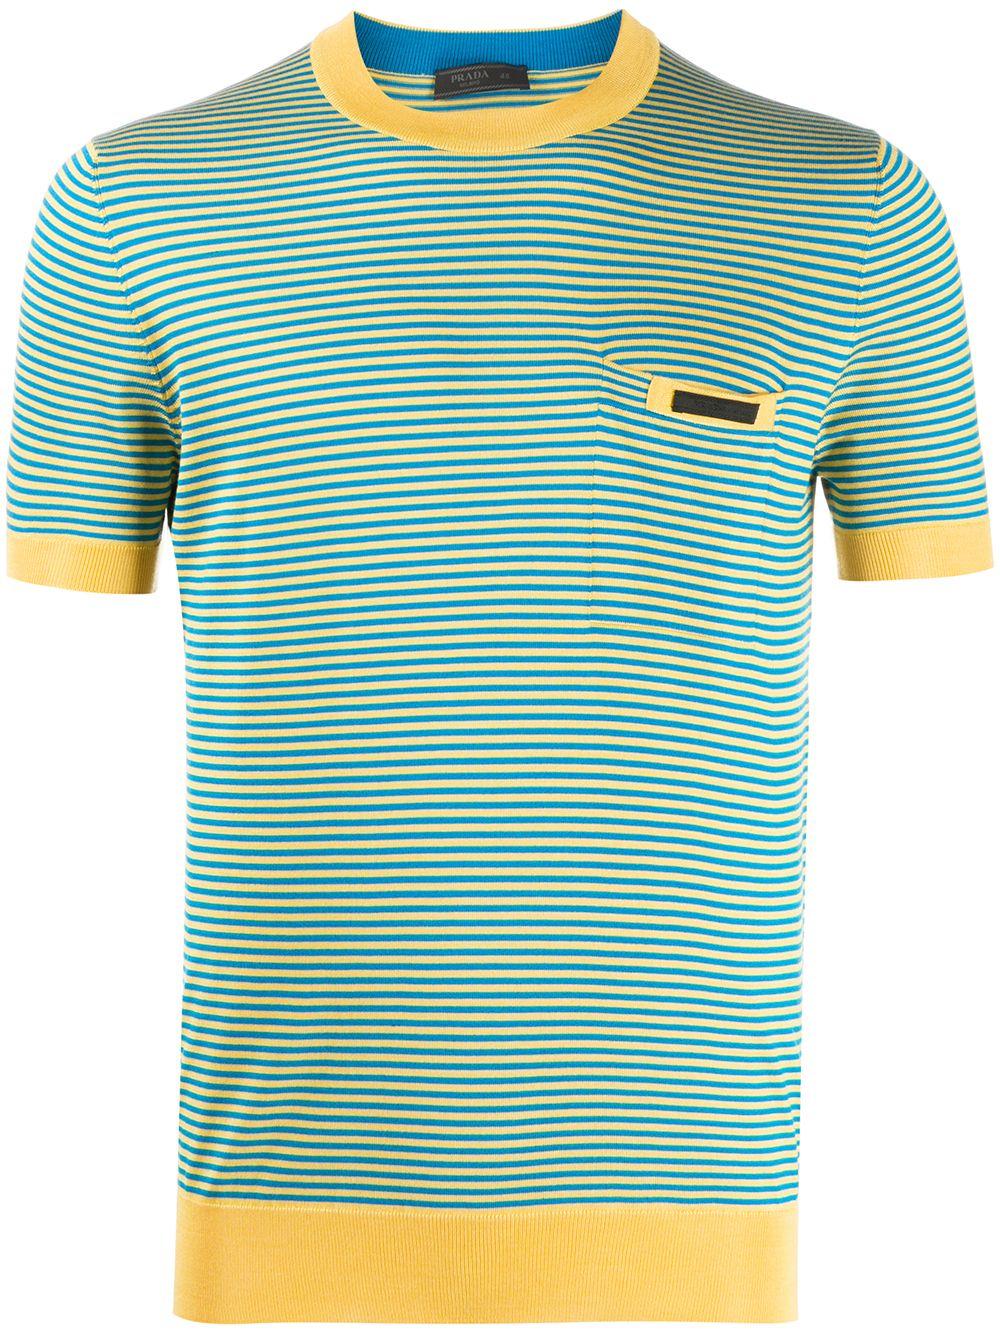 Prada Gestricktes T-Shirt mit Streifen - Gelb